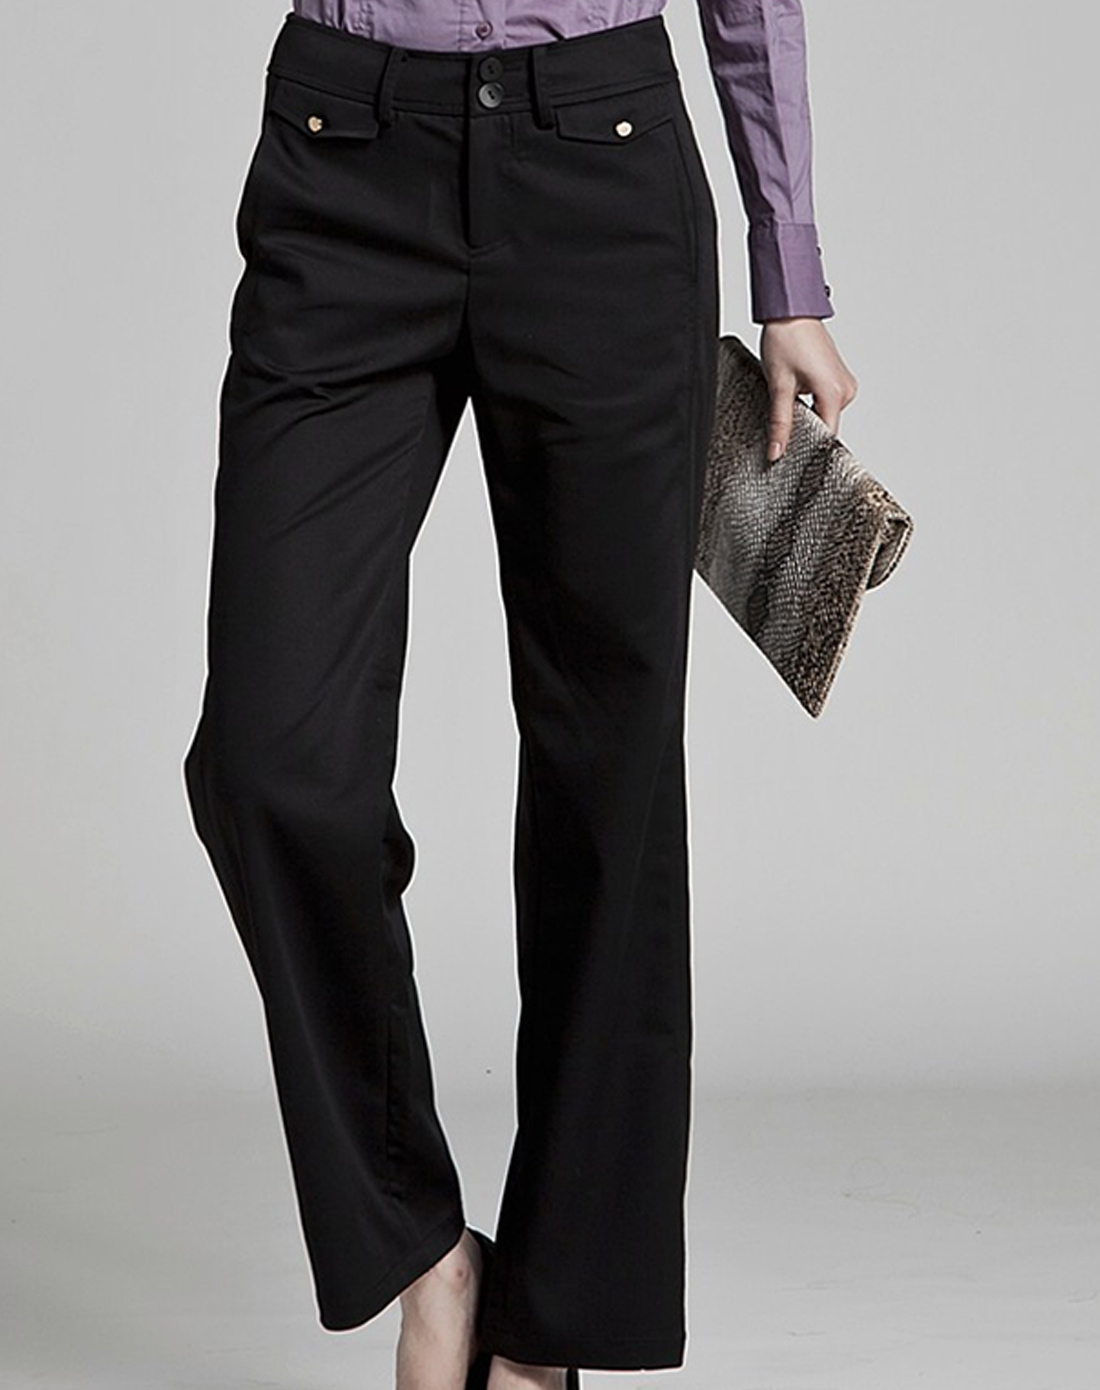 我是买手-伊芙丽eifini黑色纯色百搭阔腿裤长裤休闲